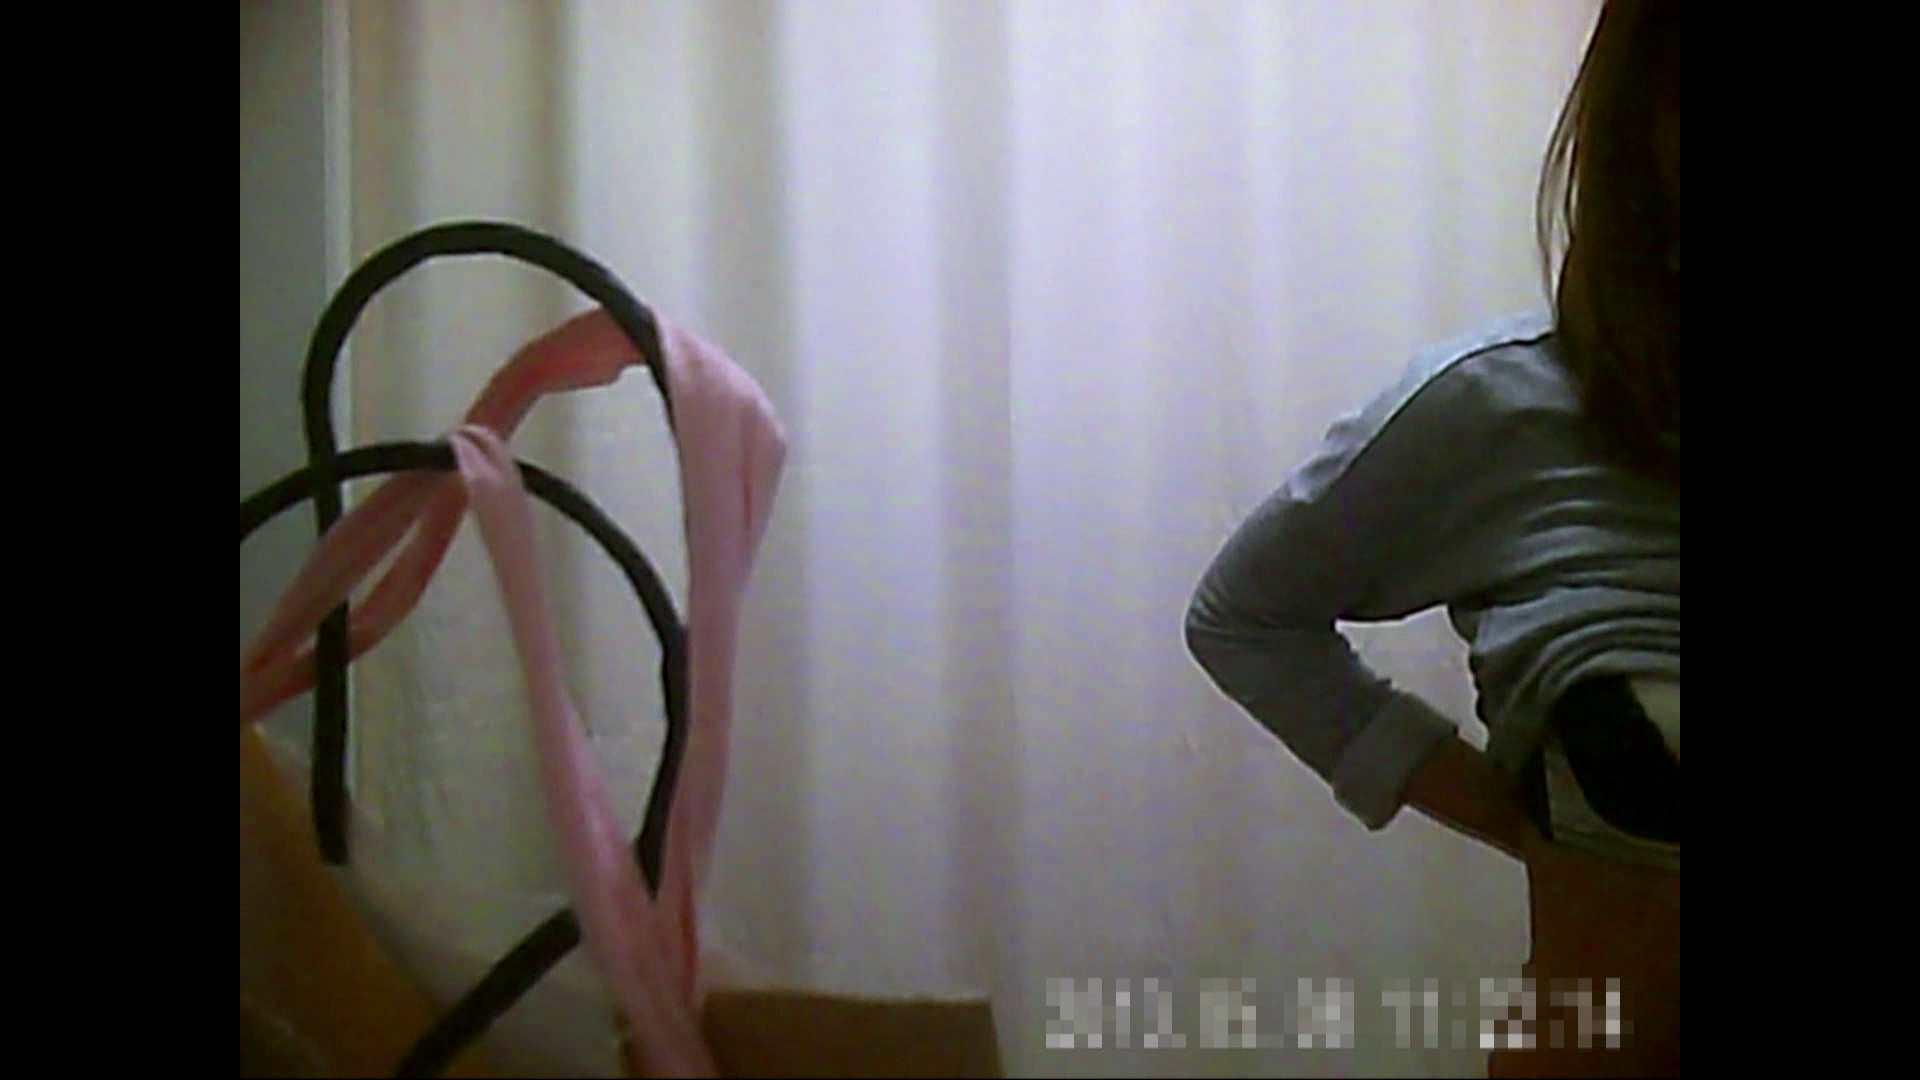 元医者による反抗 更衣室地獄絵巻 vol.088 OLハメ撮り  27Pix 4